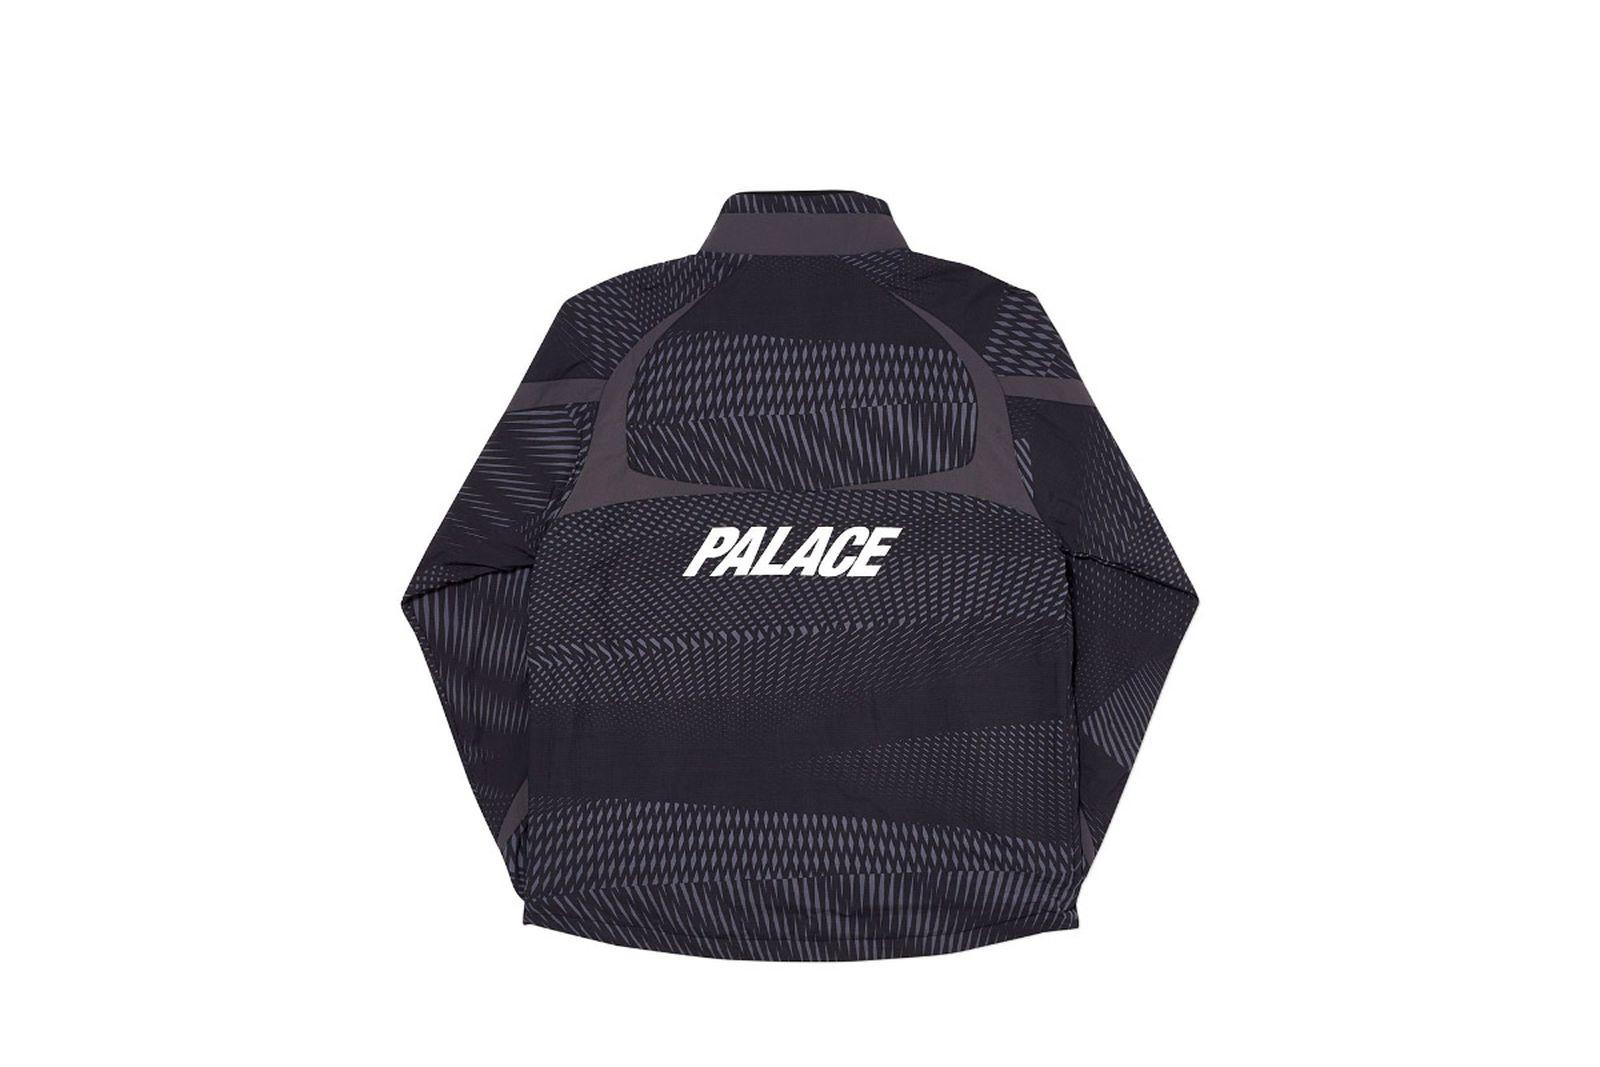 Palace 2019 Autumn Jacket Dazzler Shell black back